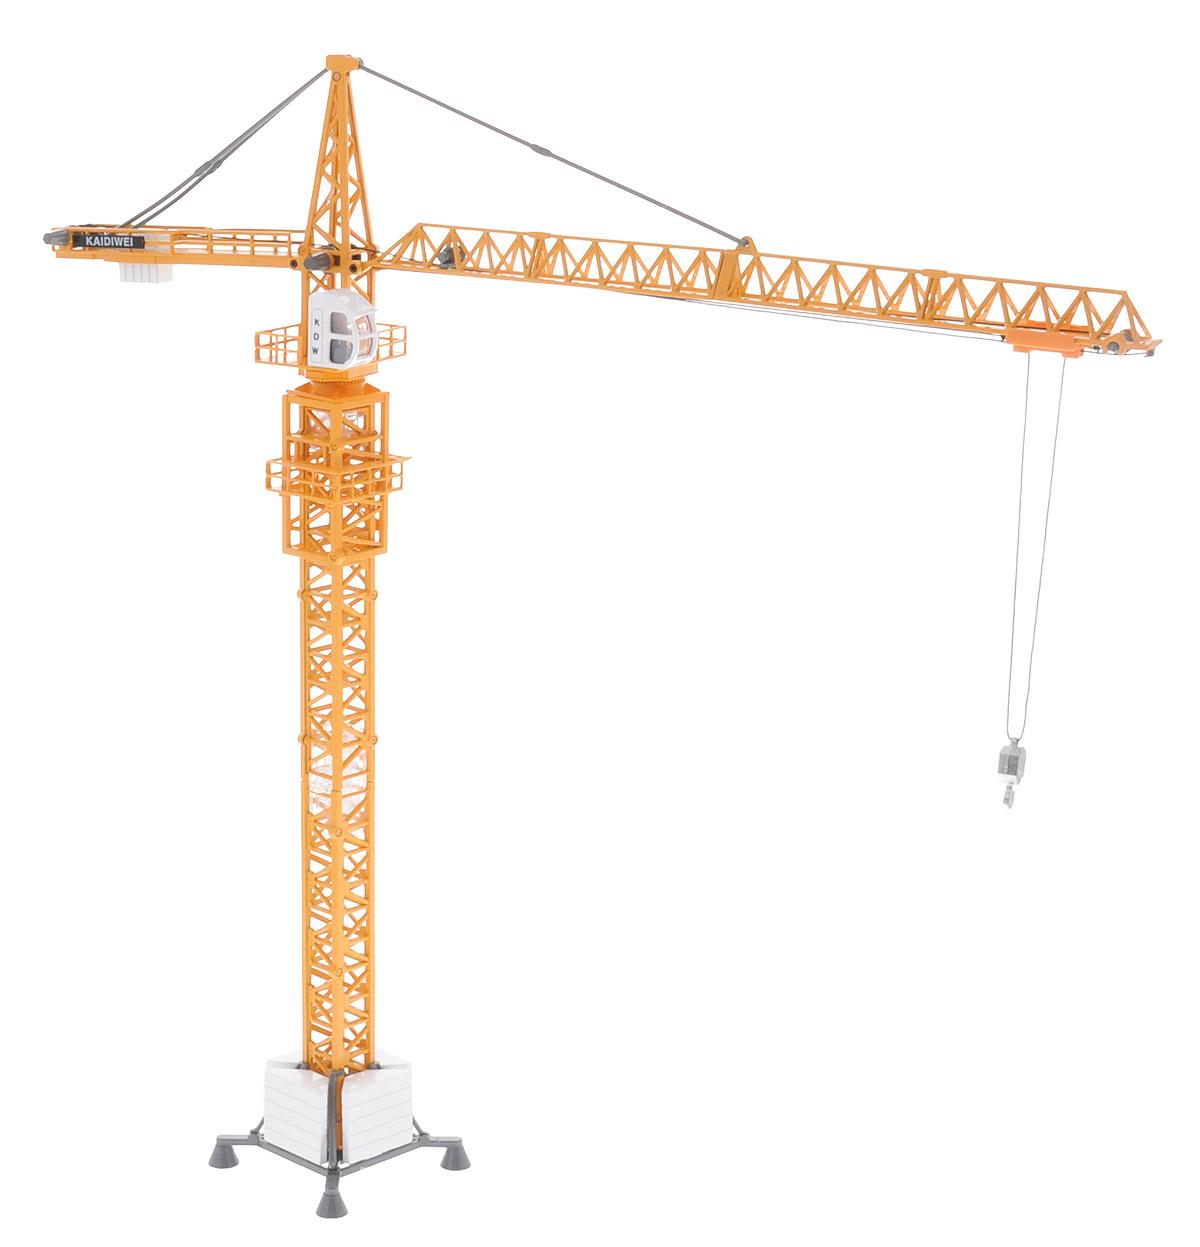 ABtoys Башенный кранC-00151Башенный кран ABtoys относится к специальной строительной технике. Это модель настоящей машины, используемой в строительстве. Кран может стать отличной игрушкой для мальчиков, обожающих машинки и мечтающих стать строителями. А процесс игры может быть настолько увлекательным, что ребенок не заметит, как быстро пролетает время. Кран оснащен поворотом кабины со стрелой на 360 градусов, а также возможно управление стрелой и подъем/опускание грузов. Благодаря великолепной точности, с которой создатели этой модели масштабом 1/50 передали внешний вид настоящего башенного крана, игрушка станет подлинным украшением любой коллекции моделей строительной техники. Изделие будет долго служить своему владельцу благодаря металлическому корпусу. Сделайте вашему ребенку такой замечательный подарок!